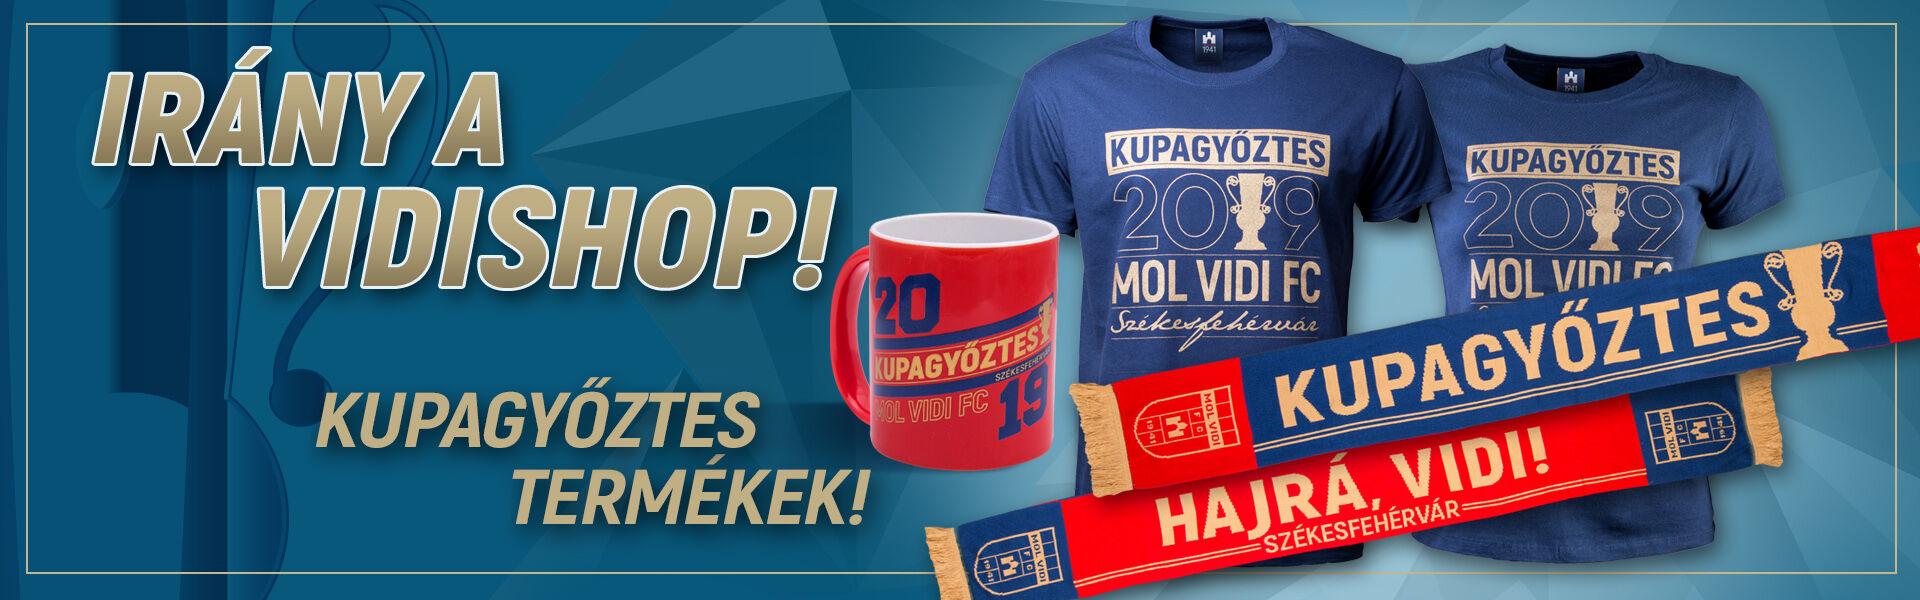 15c08308a5 Vidishop - MOL Vidi FC hivatalos webshop